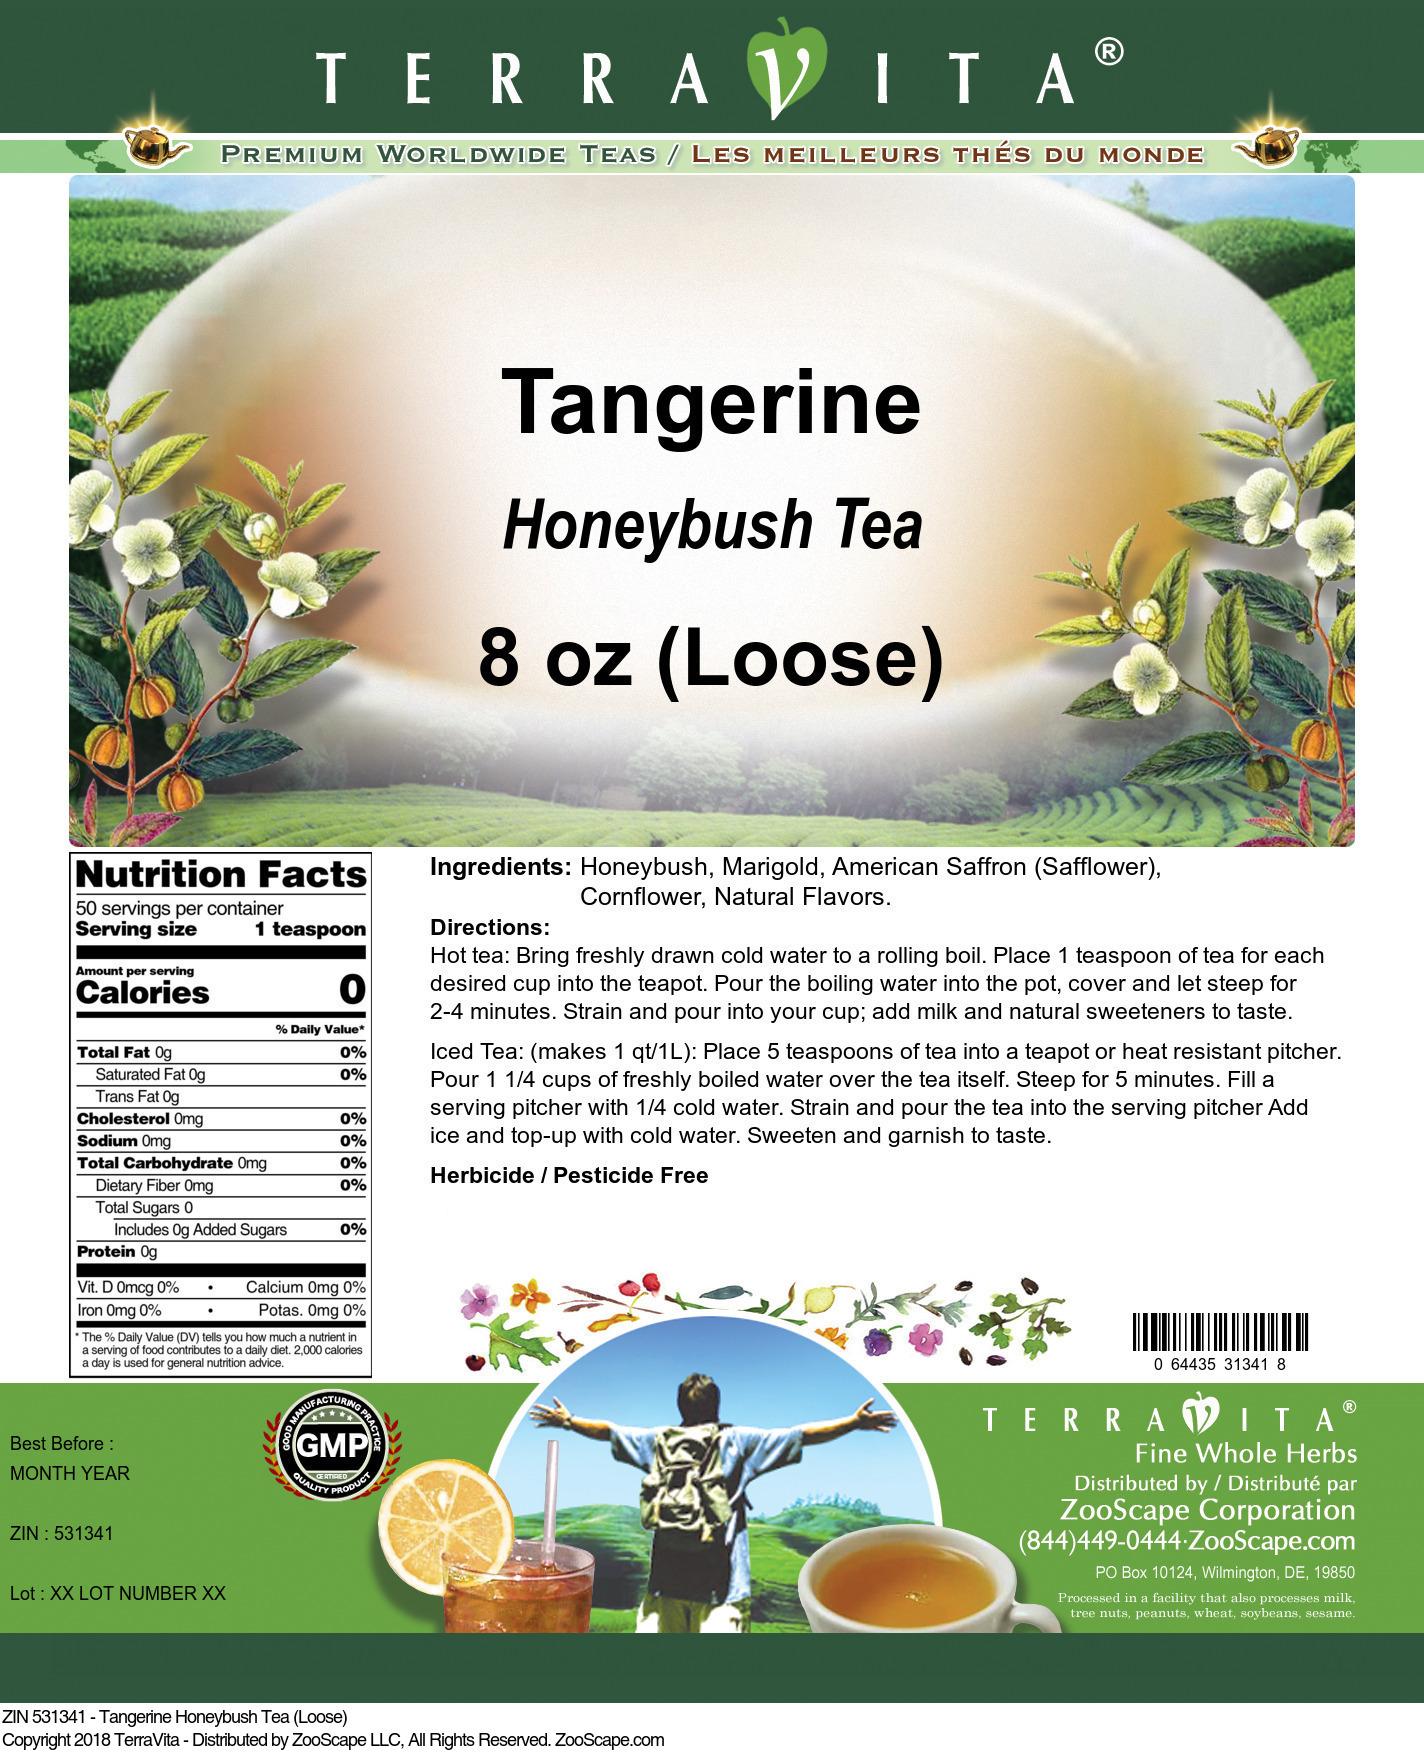 Tangerine Honeybush Tea (Loose)